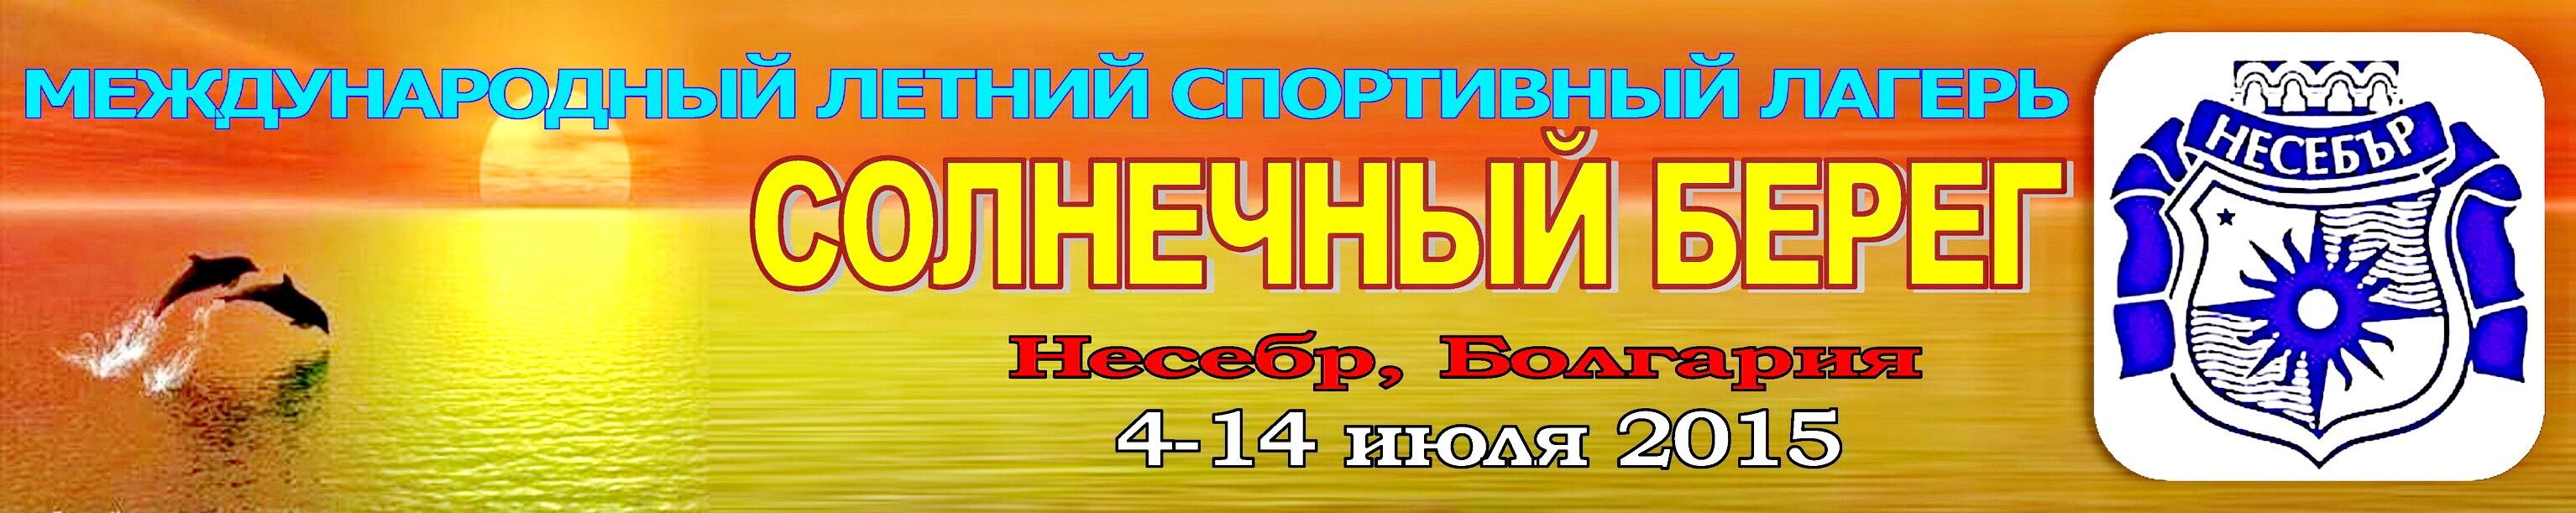 Несебр-2015 Баннер 50п